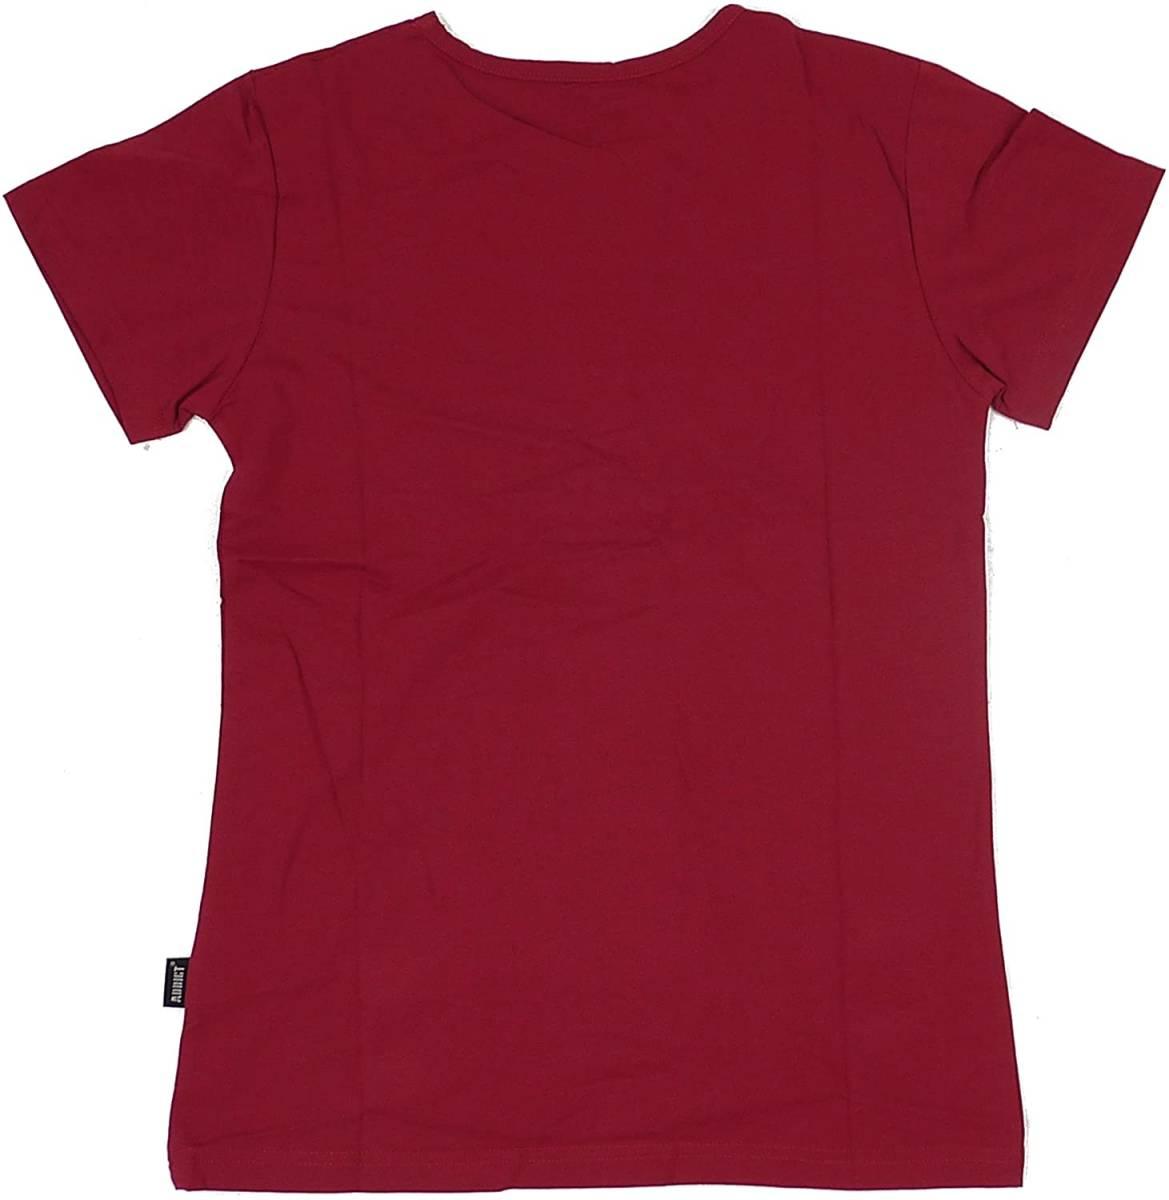 Addict アディクト Warzone TEE 半袖 Tシャツ (ワインレッド) (XL)【並行輸入品】